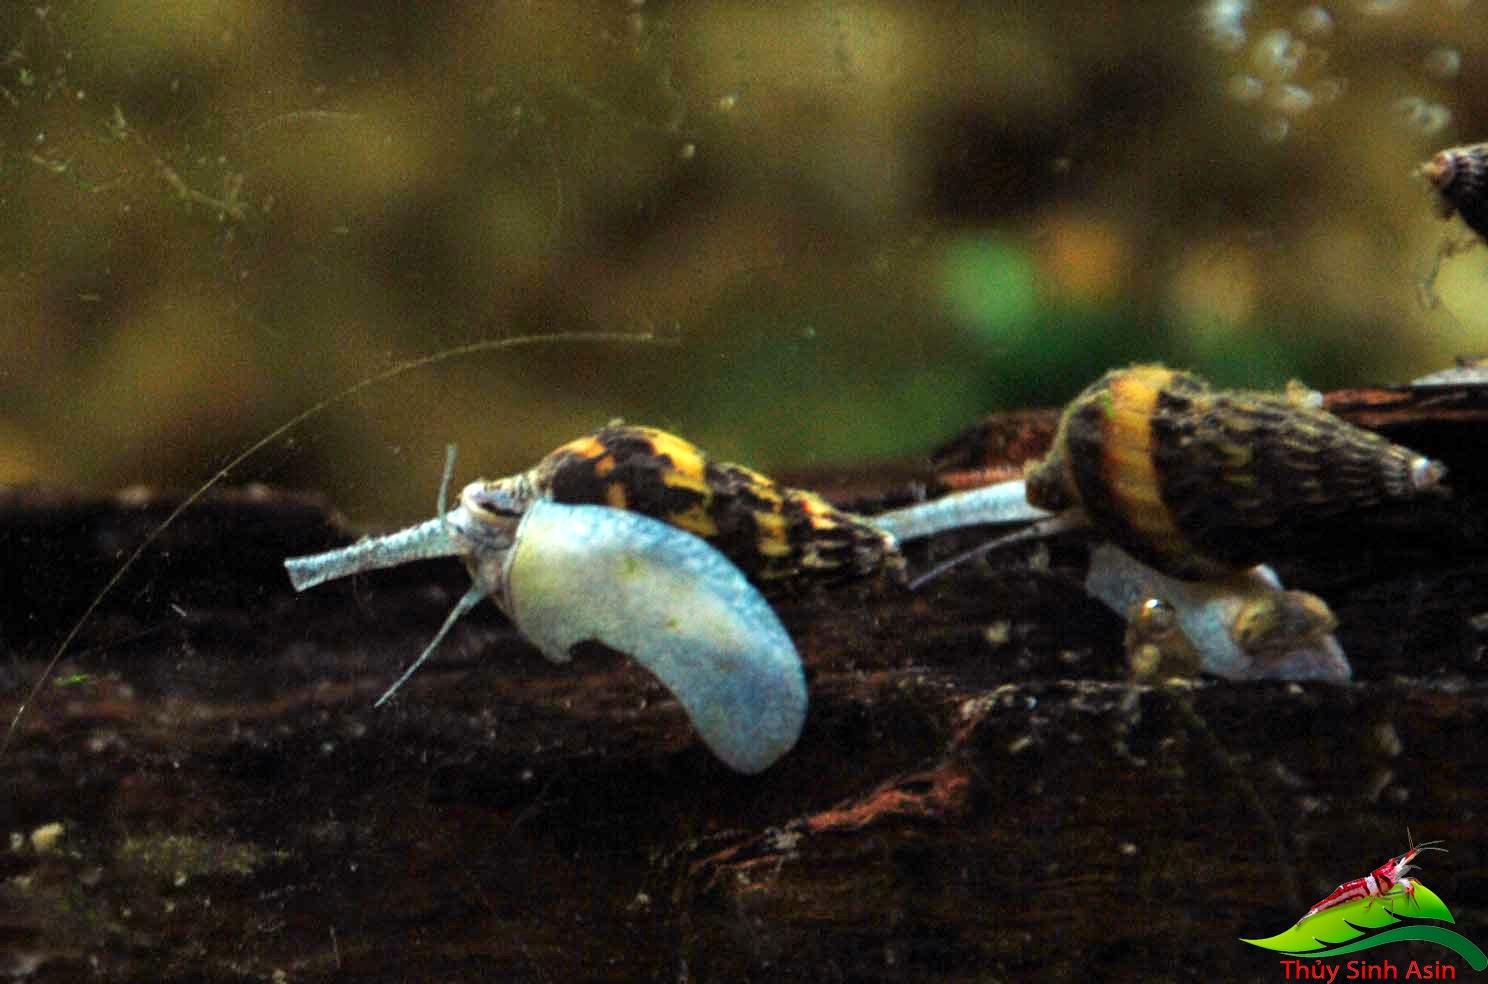 Ốc helena - Ốc ăn ốc thủy sinh trong mùa sinh sản